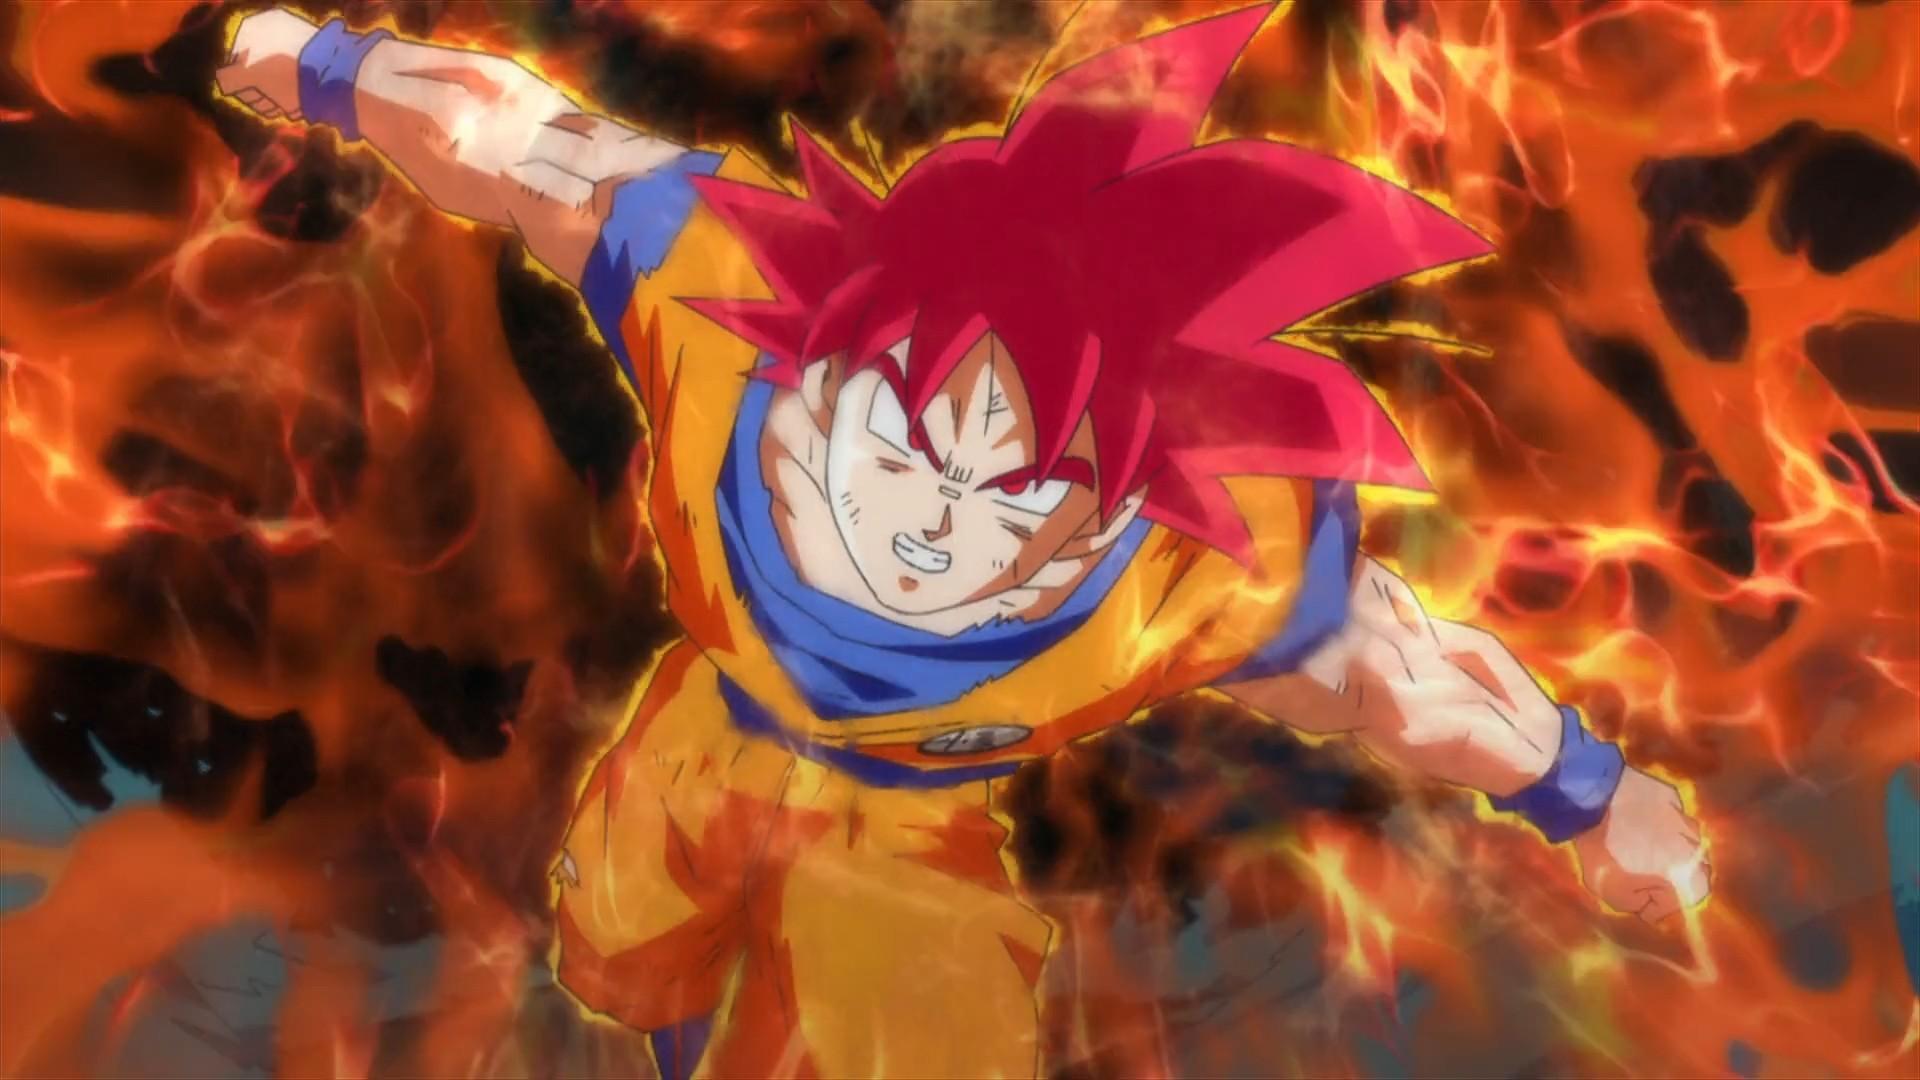 Goku Super Saiyan God Wallpapers (57+ pictures)